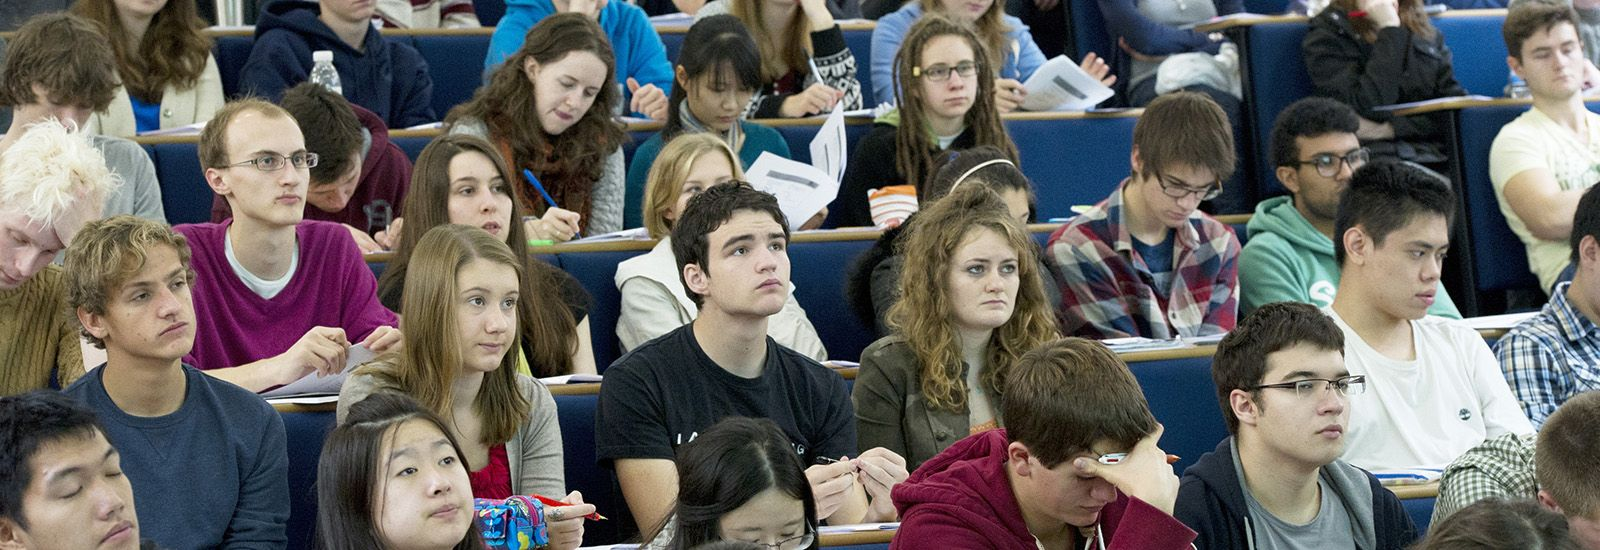 Undergraduate profiles